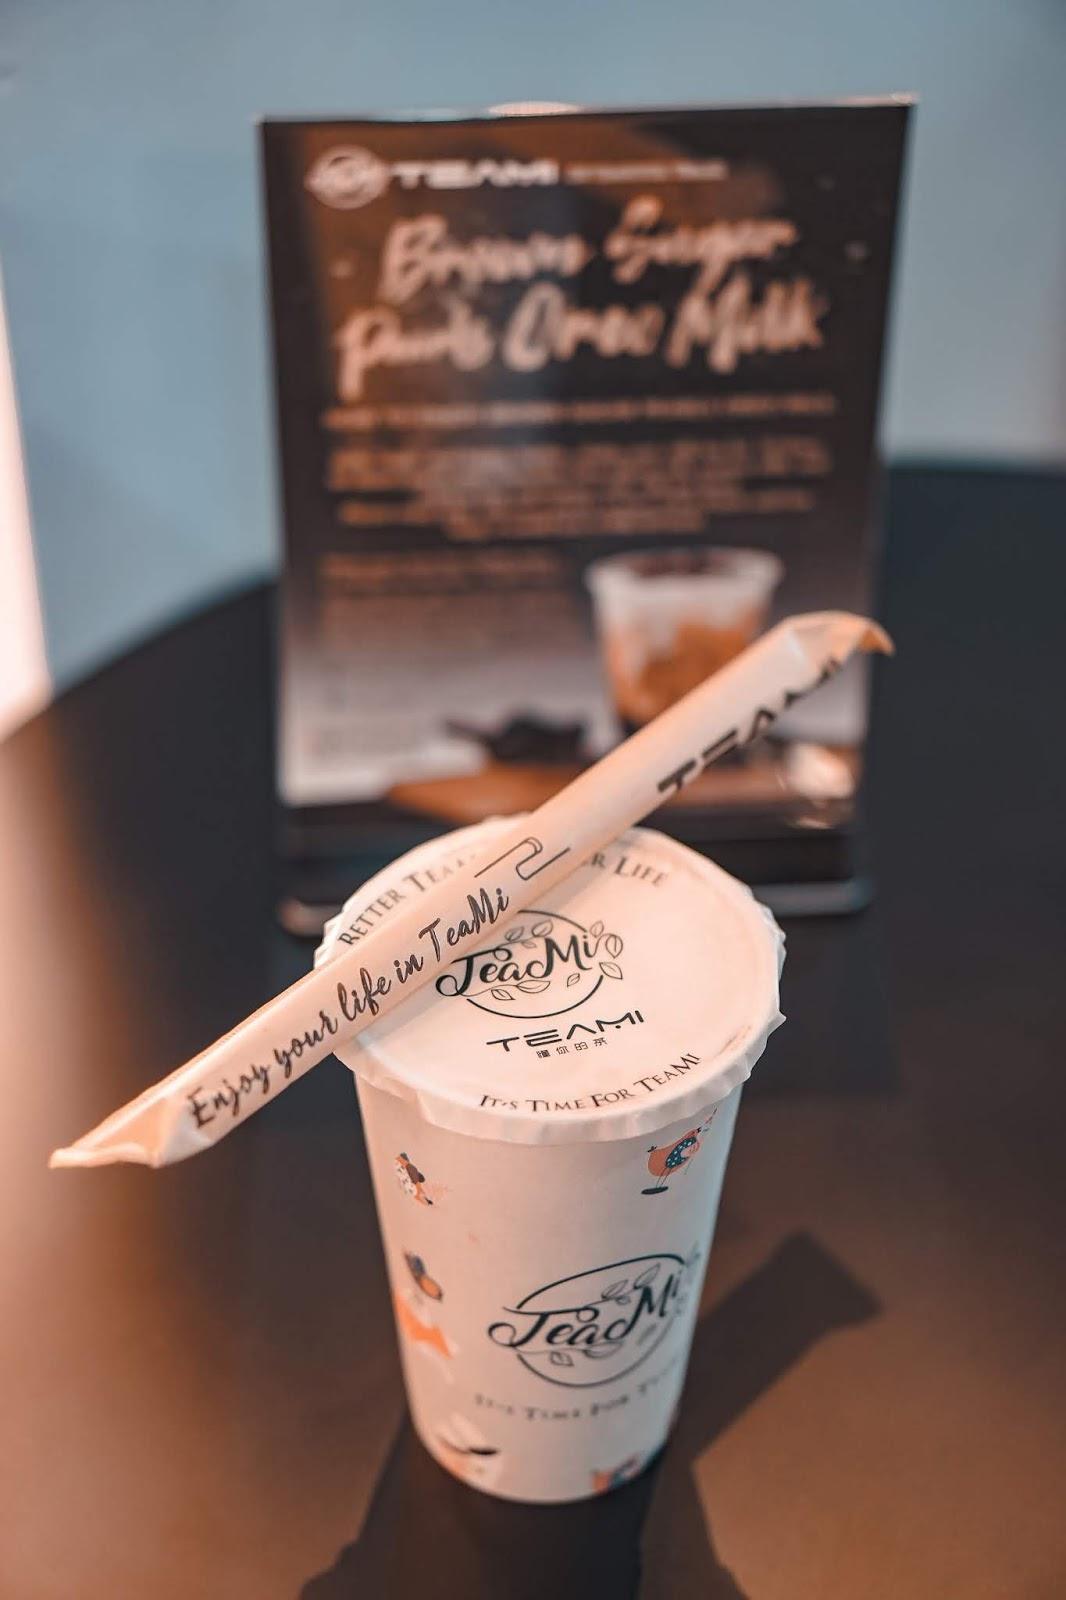 TeaMi - Better Tea, Better Mi; milk tea without creamer, healthy milk tea in Metro Manila